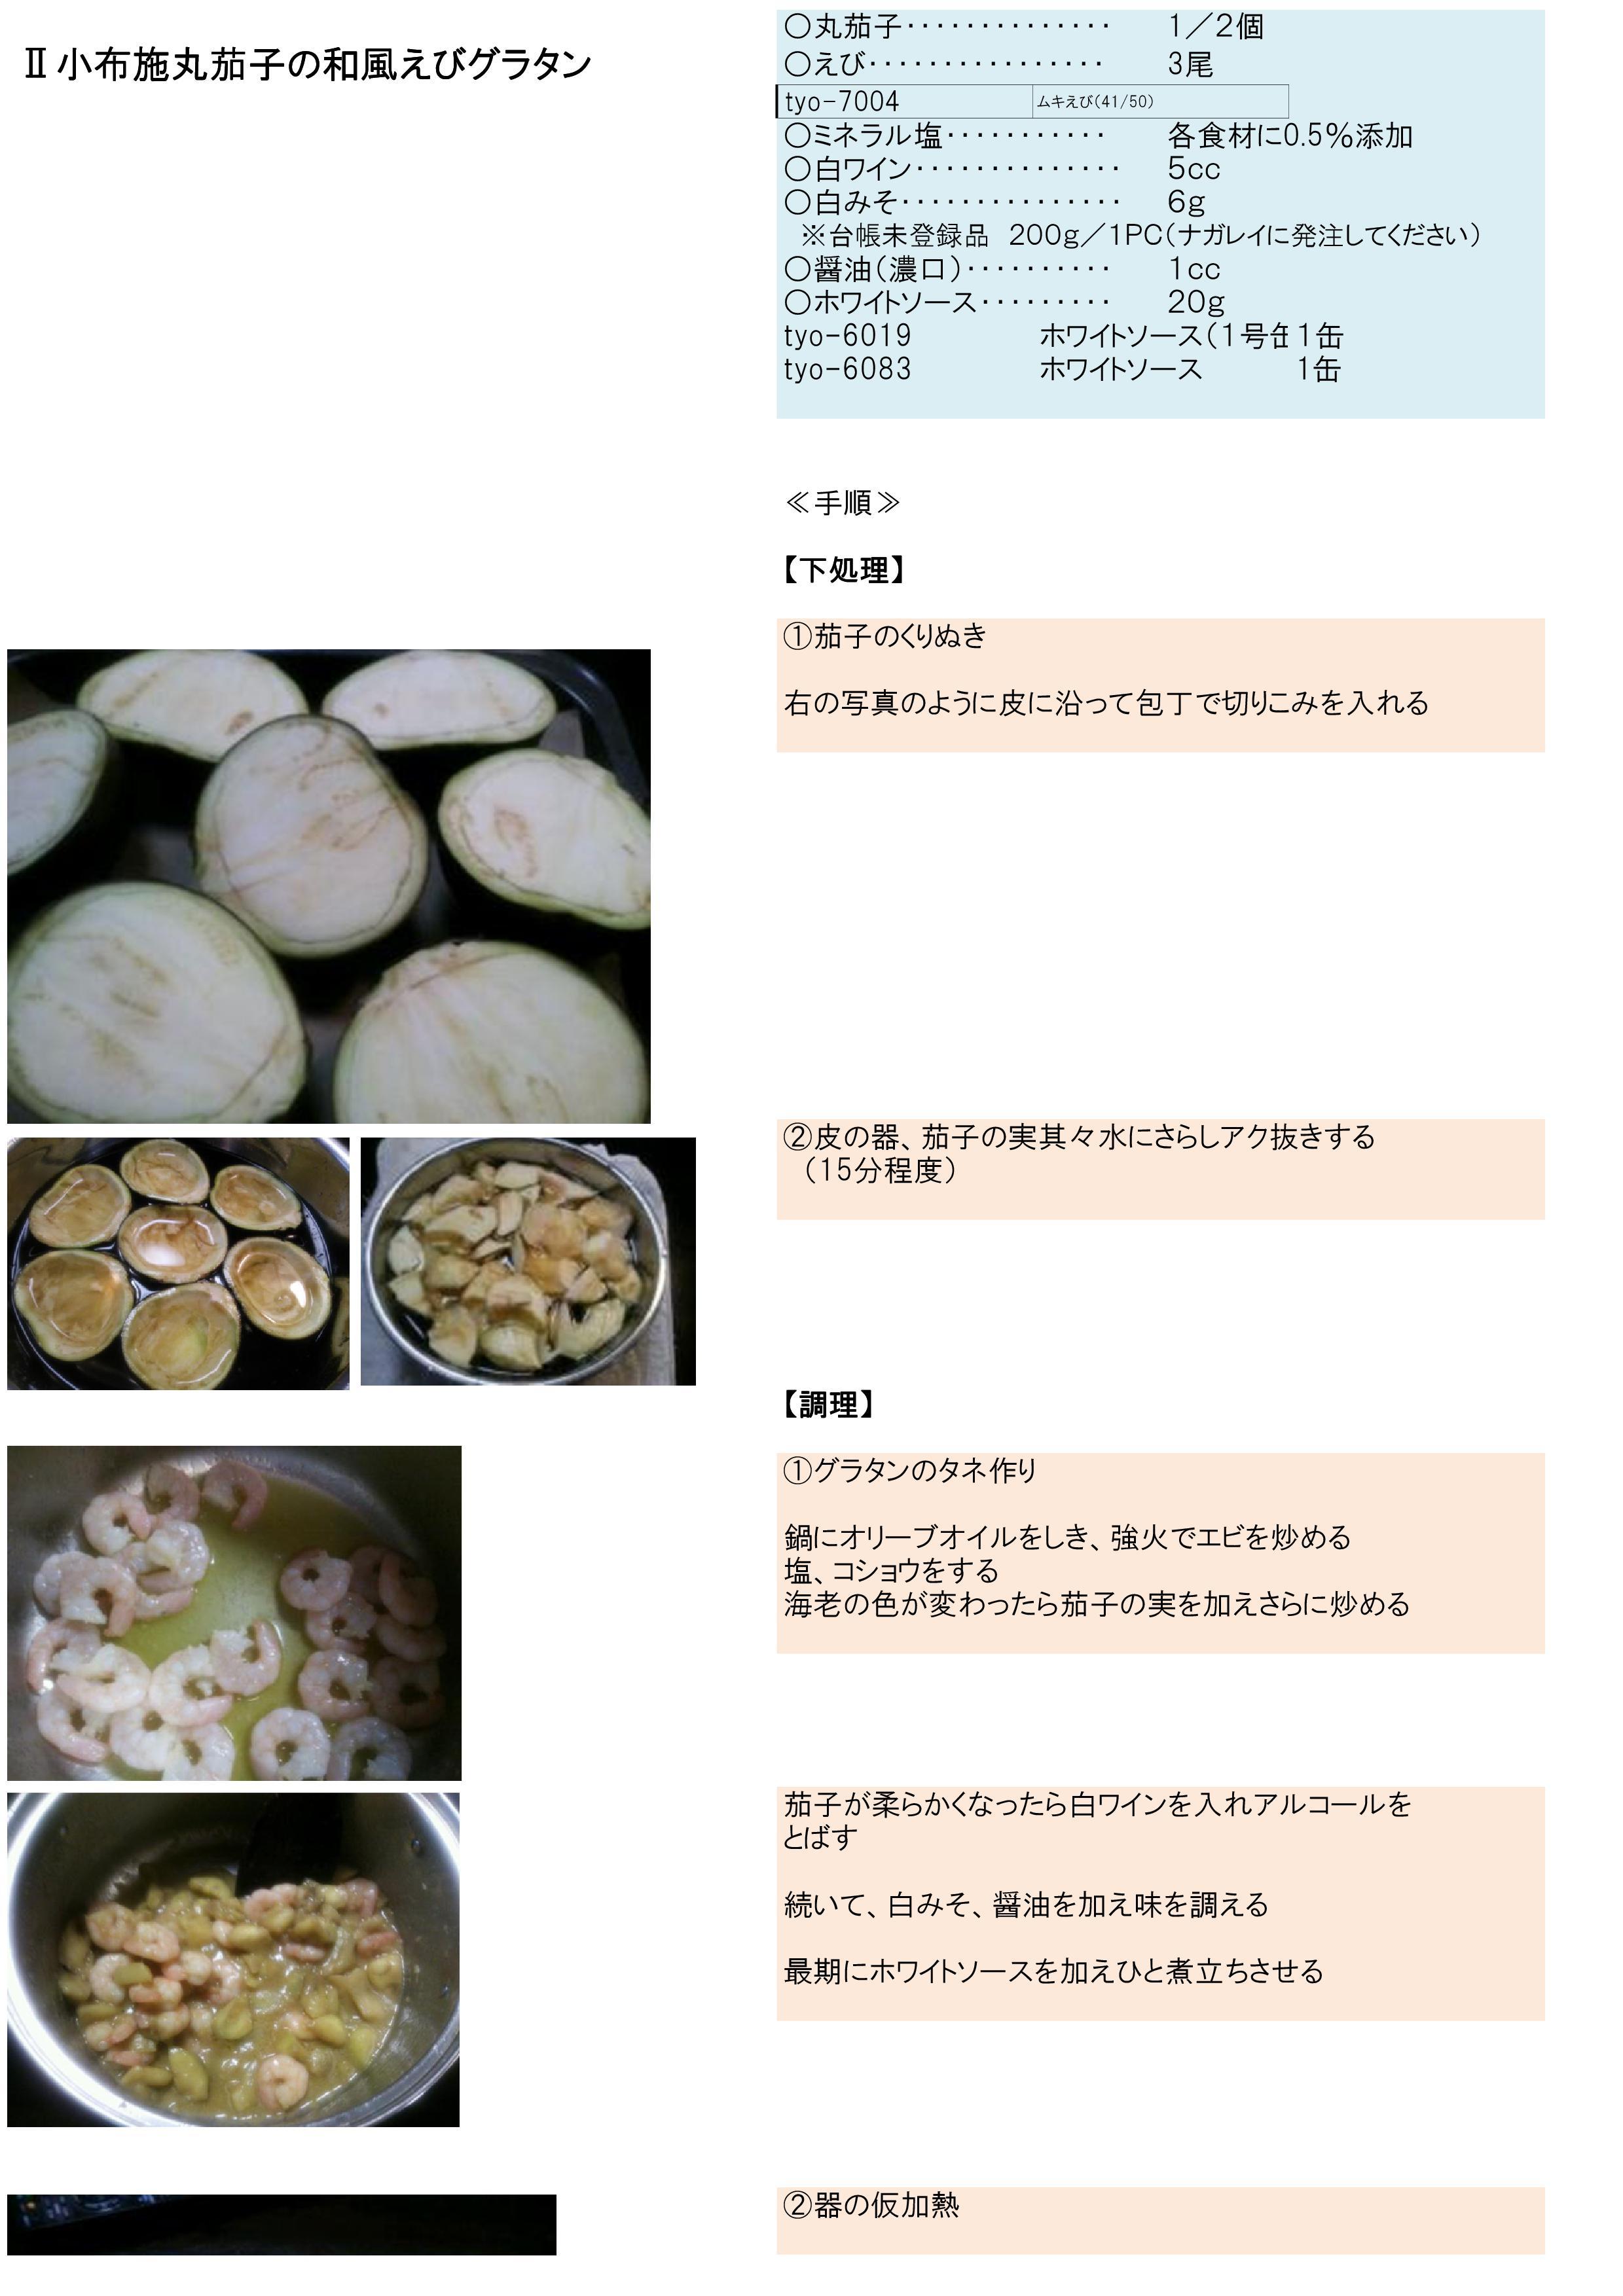 http://heisei-kai.jp/heiseikai-style-foods/report/kiji_images/%E8%8C%84%E5%AD%90%E3%81%84%E3%82%8D%E3%81%84%E3%82%8D%E3%83%95%E3%82%A7%E3%82%A2%E3%83%BC-002.jpg